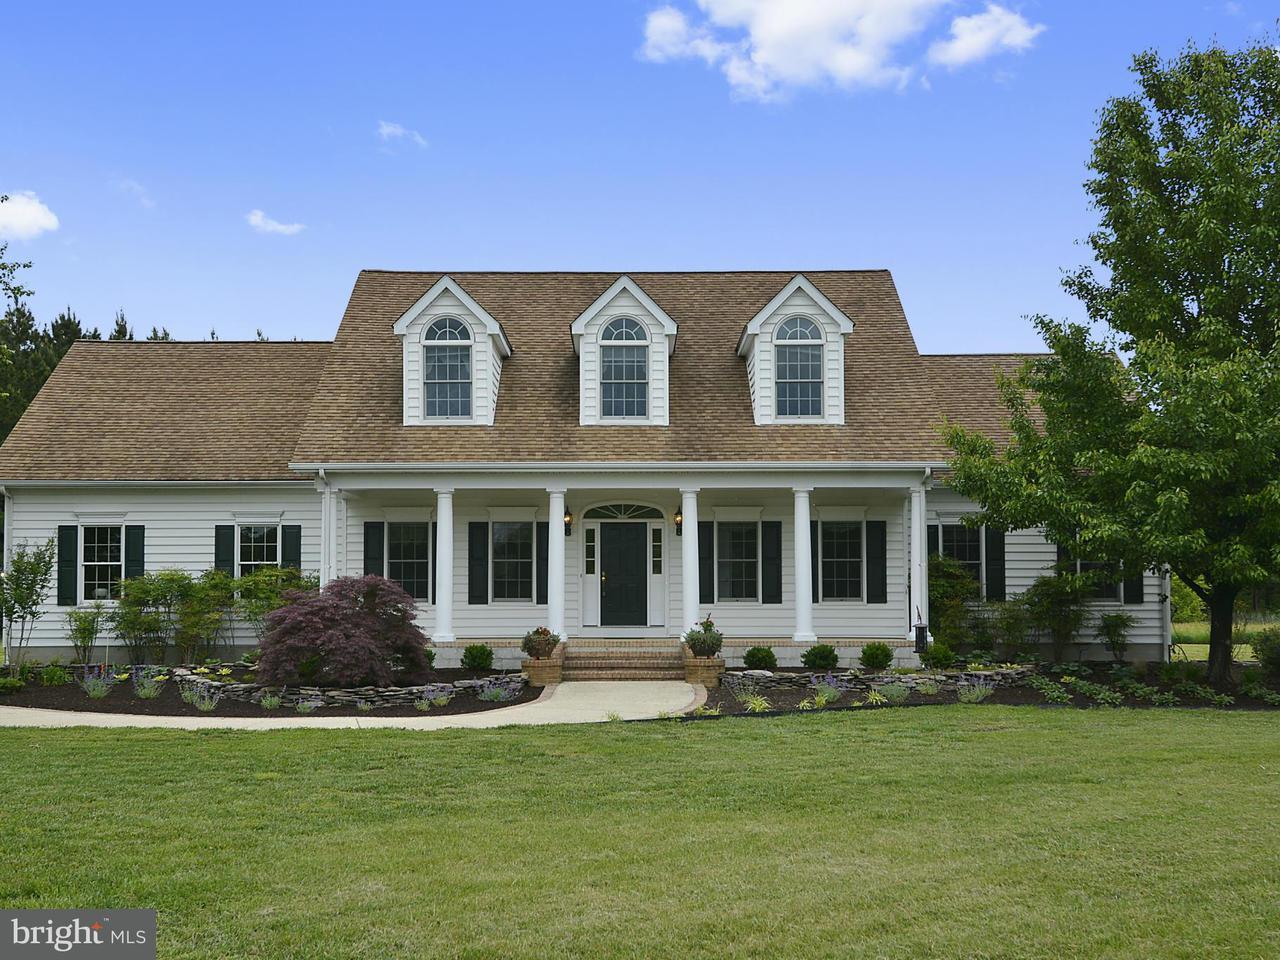 Maison unifamiliale pour l Vente à 9915 EAGLE Drive 9915 EAGLE Drive Easton, Maryland 21601 États-Unis